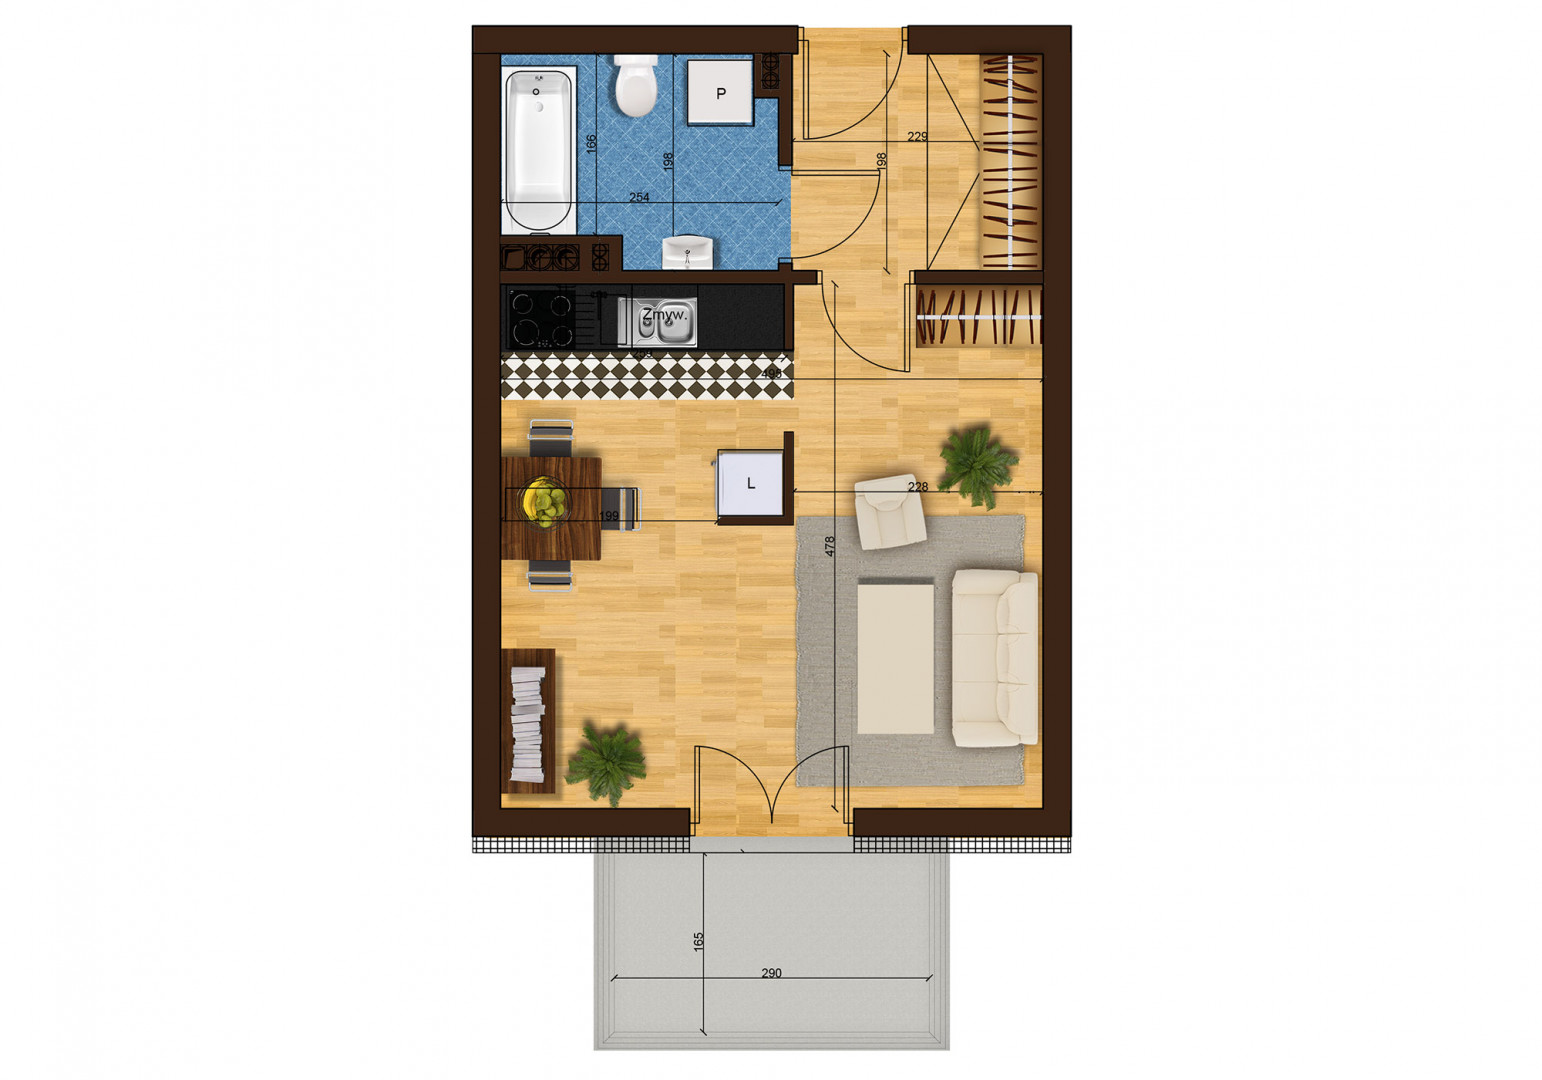 Mieszkanie jednopokojowe 33G/40 rzut 1